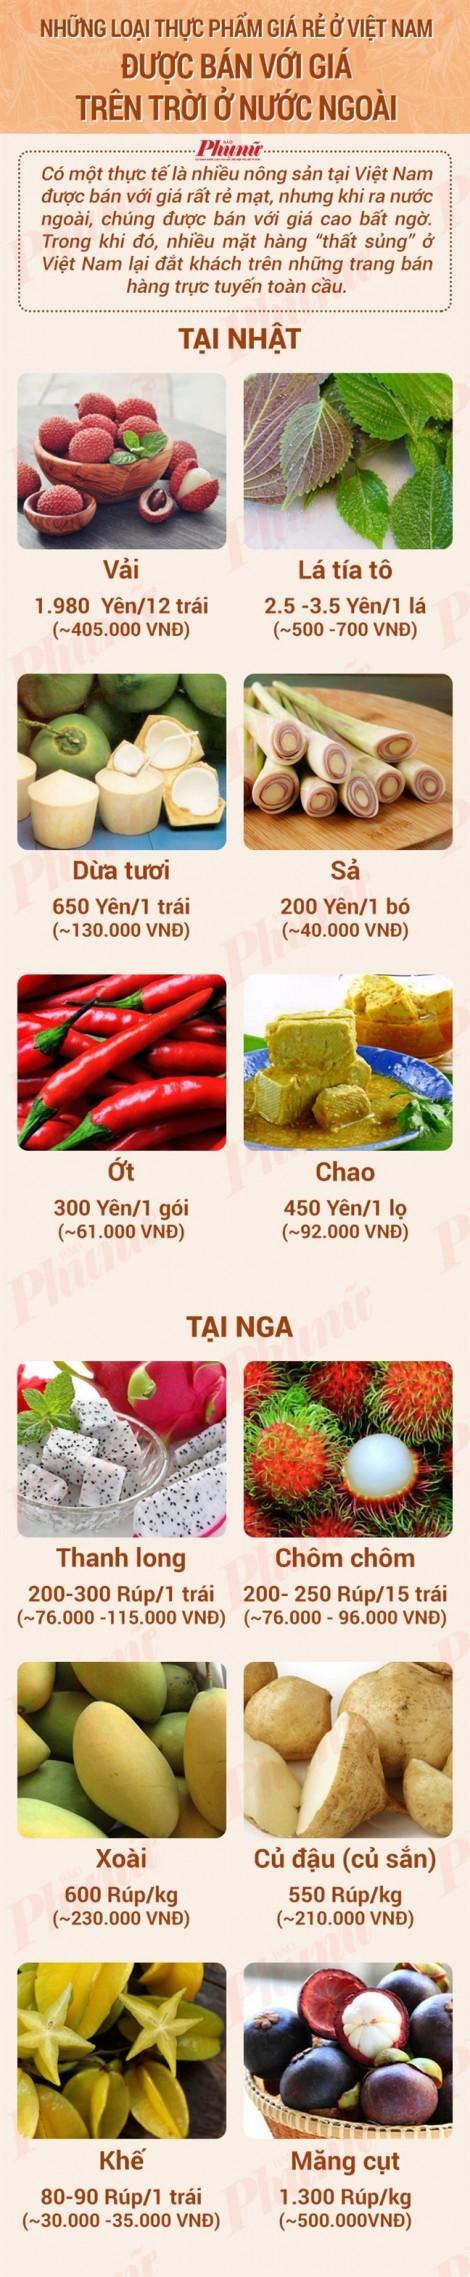 Những loại thực phẩm giá rẻ mạt ở Việt Nam được bán với giá trên trời ở nước ngoài